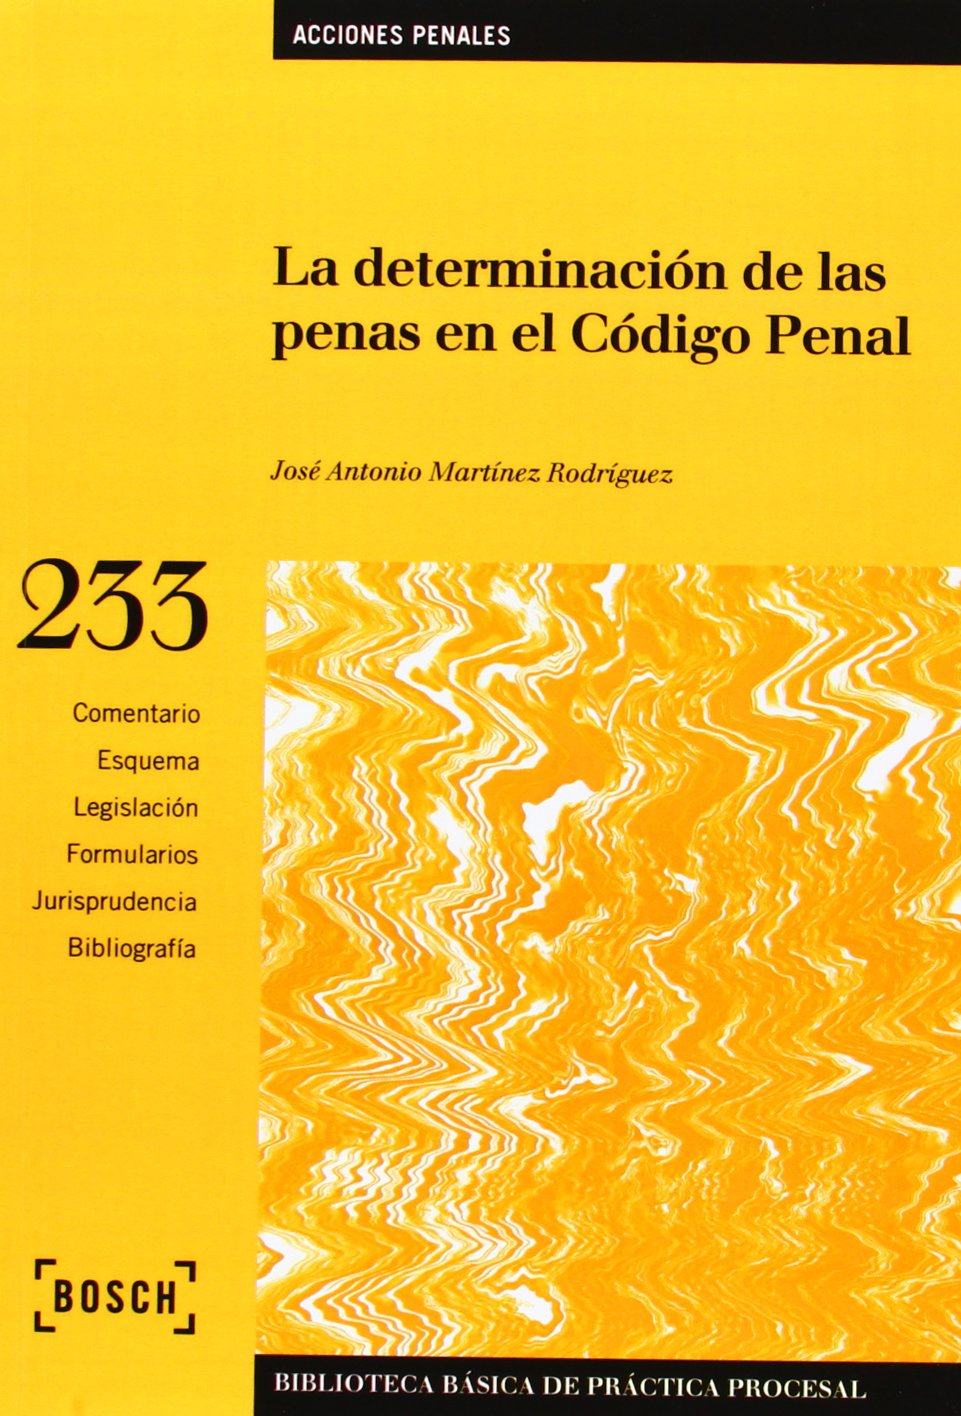 La Determinación De Las Penas En El Código Penal (Biblioteca Básica de Práctica Procesal) Tapa blanda – 1 feb 2013 Bosch 8497903021 Spain Criminal procedure